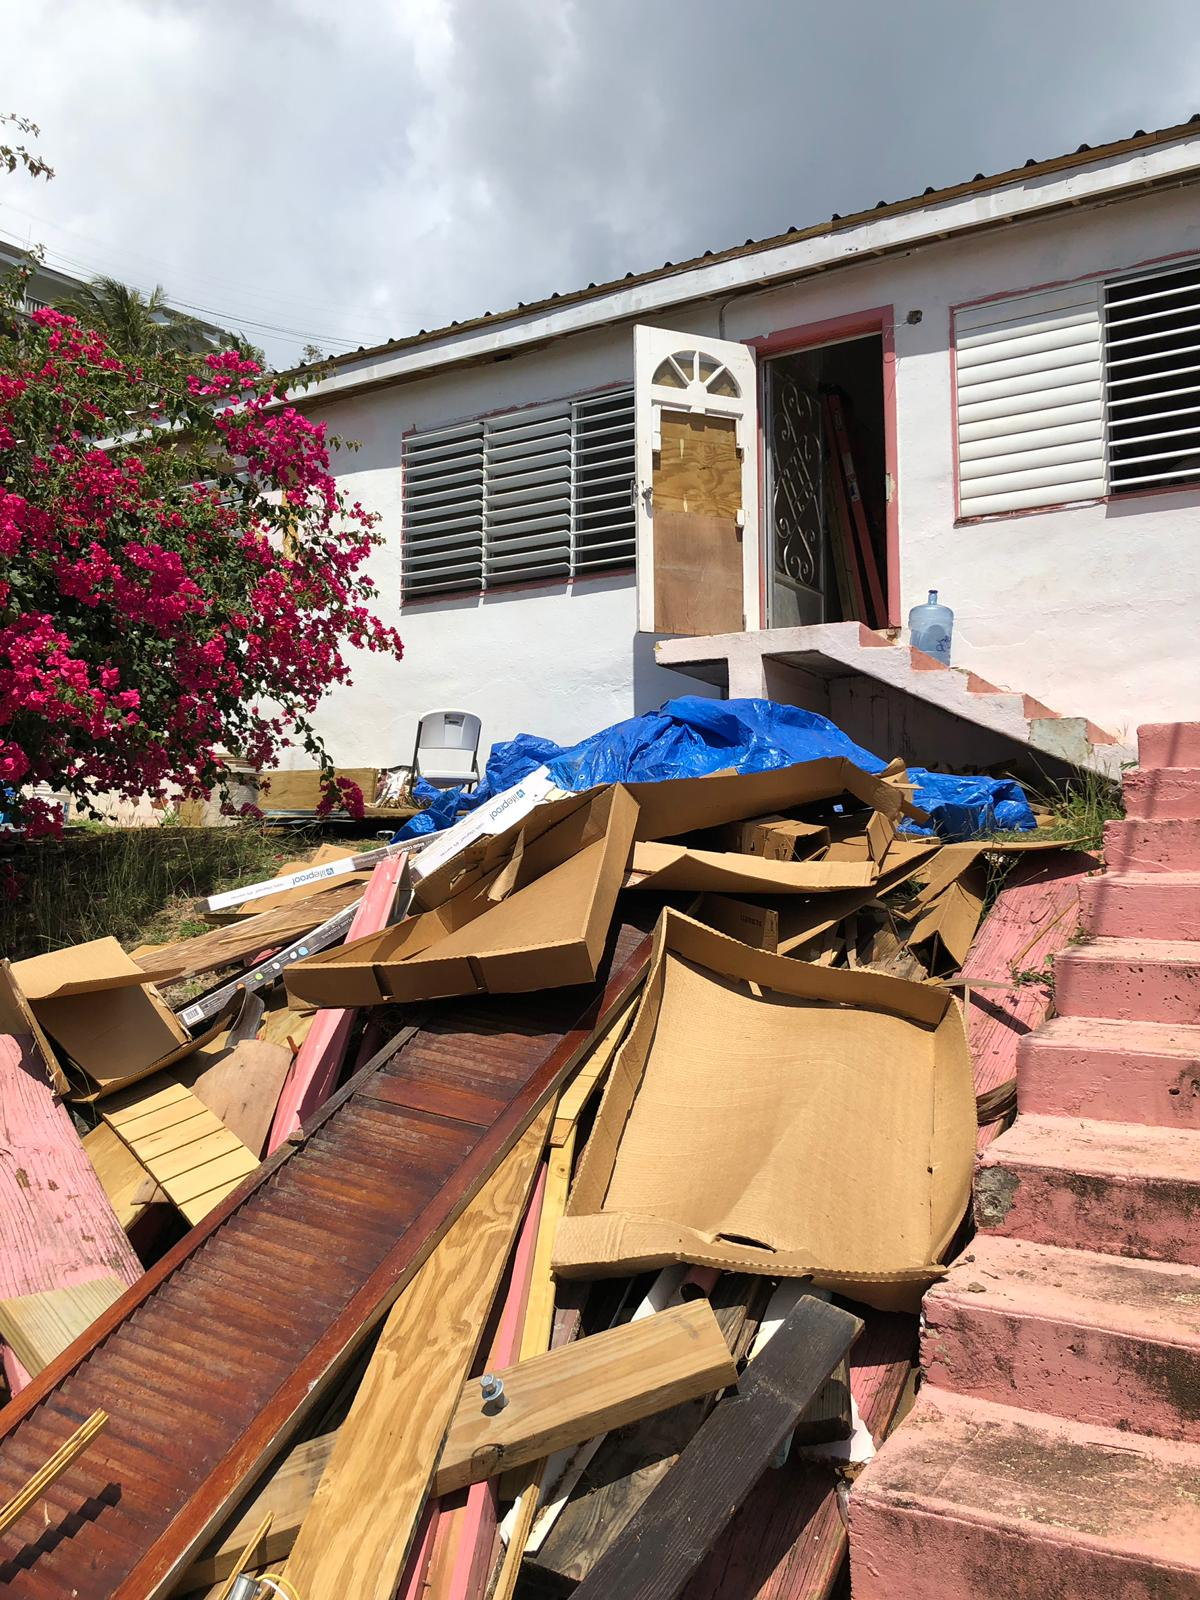 """""""Dorm într-o școală distrusă de uragan"""". Prima parte a jurnalului pe care îl ține în Libertatea Andrei Crețu, românul plecat voluntar să refacă locuințele afectate de uraganele din Caraibe"""